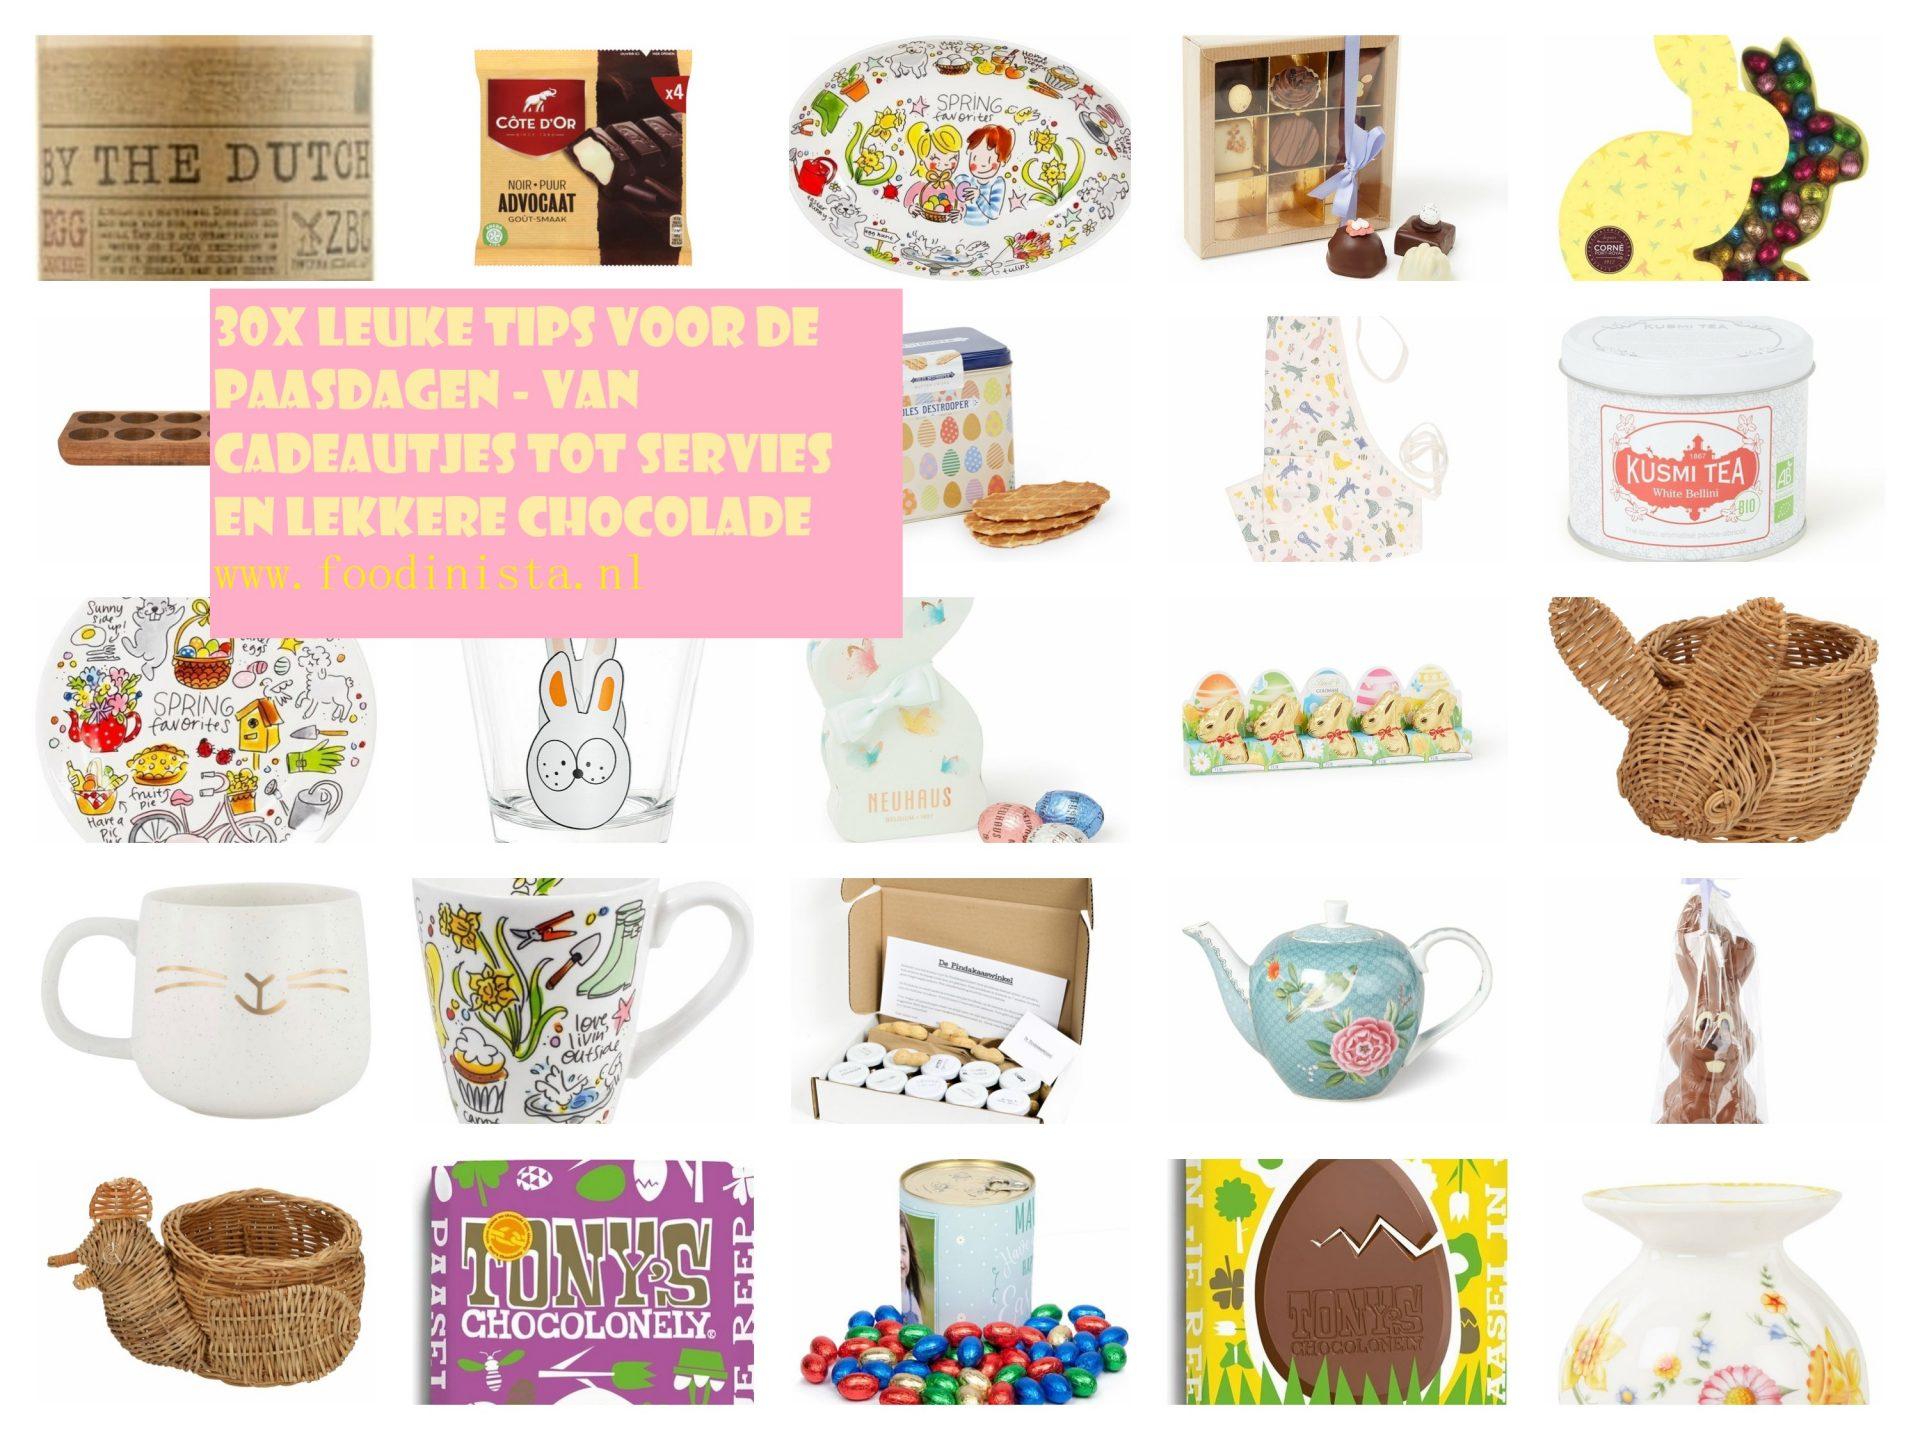 Daphne's Lente Happy Musthaves Wk 1 – 30x Heerlijke Pasen cadeautjes - Versieringen, chocolade, servies en ideeën voor Pasen - Foodblog Foodinista